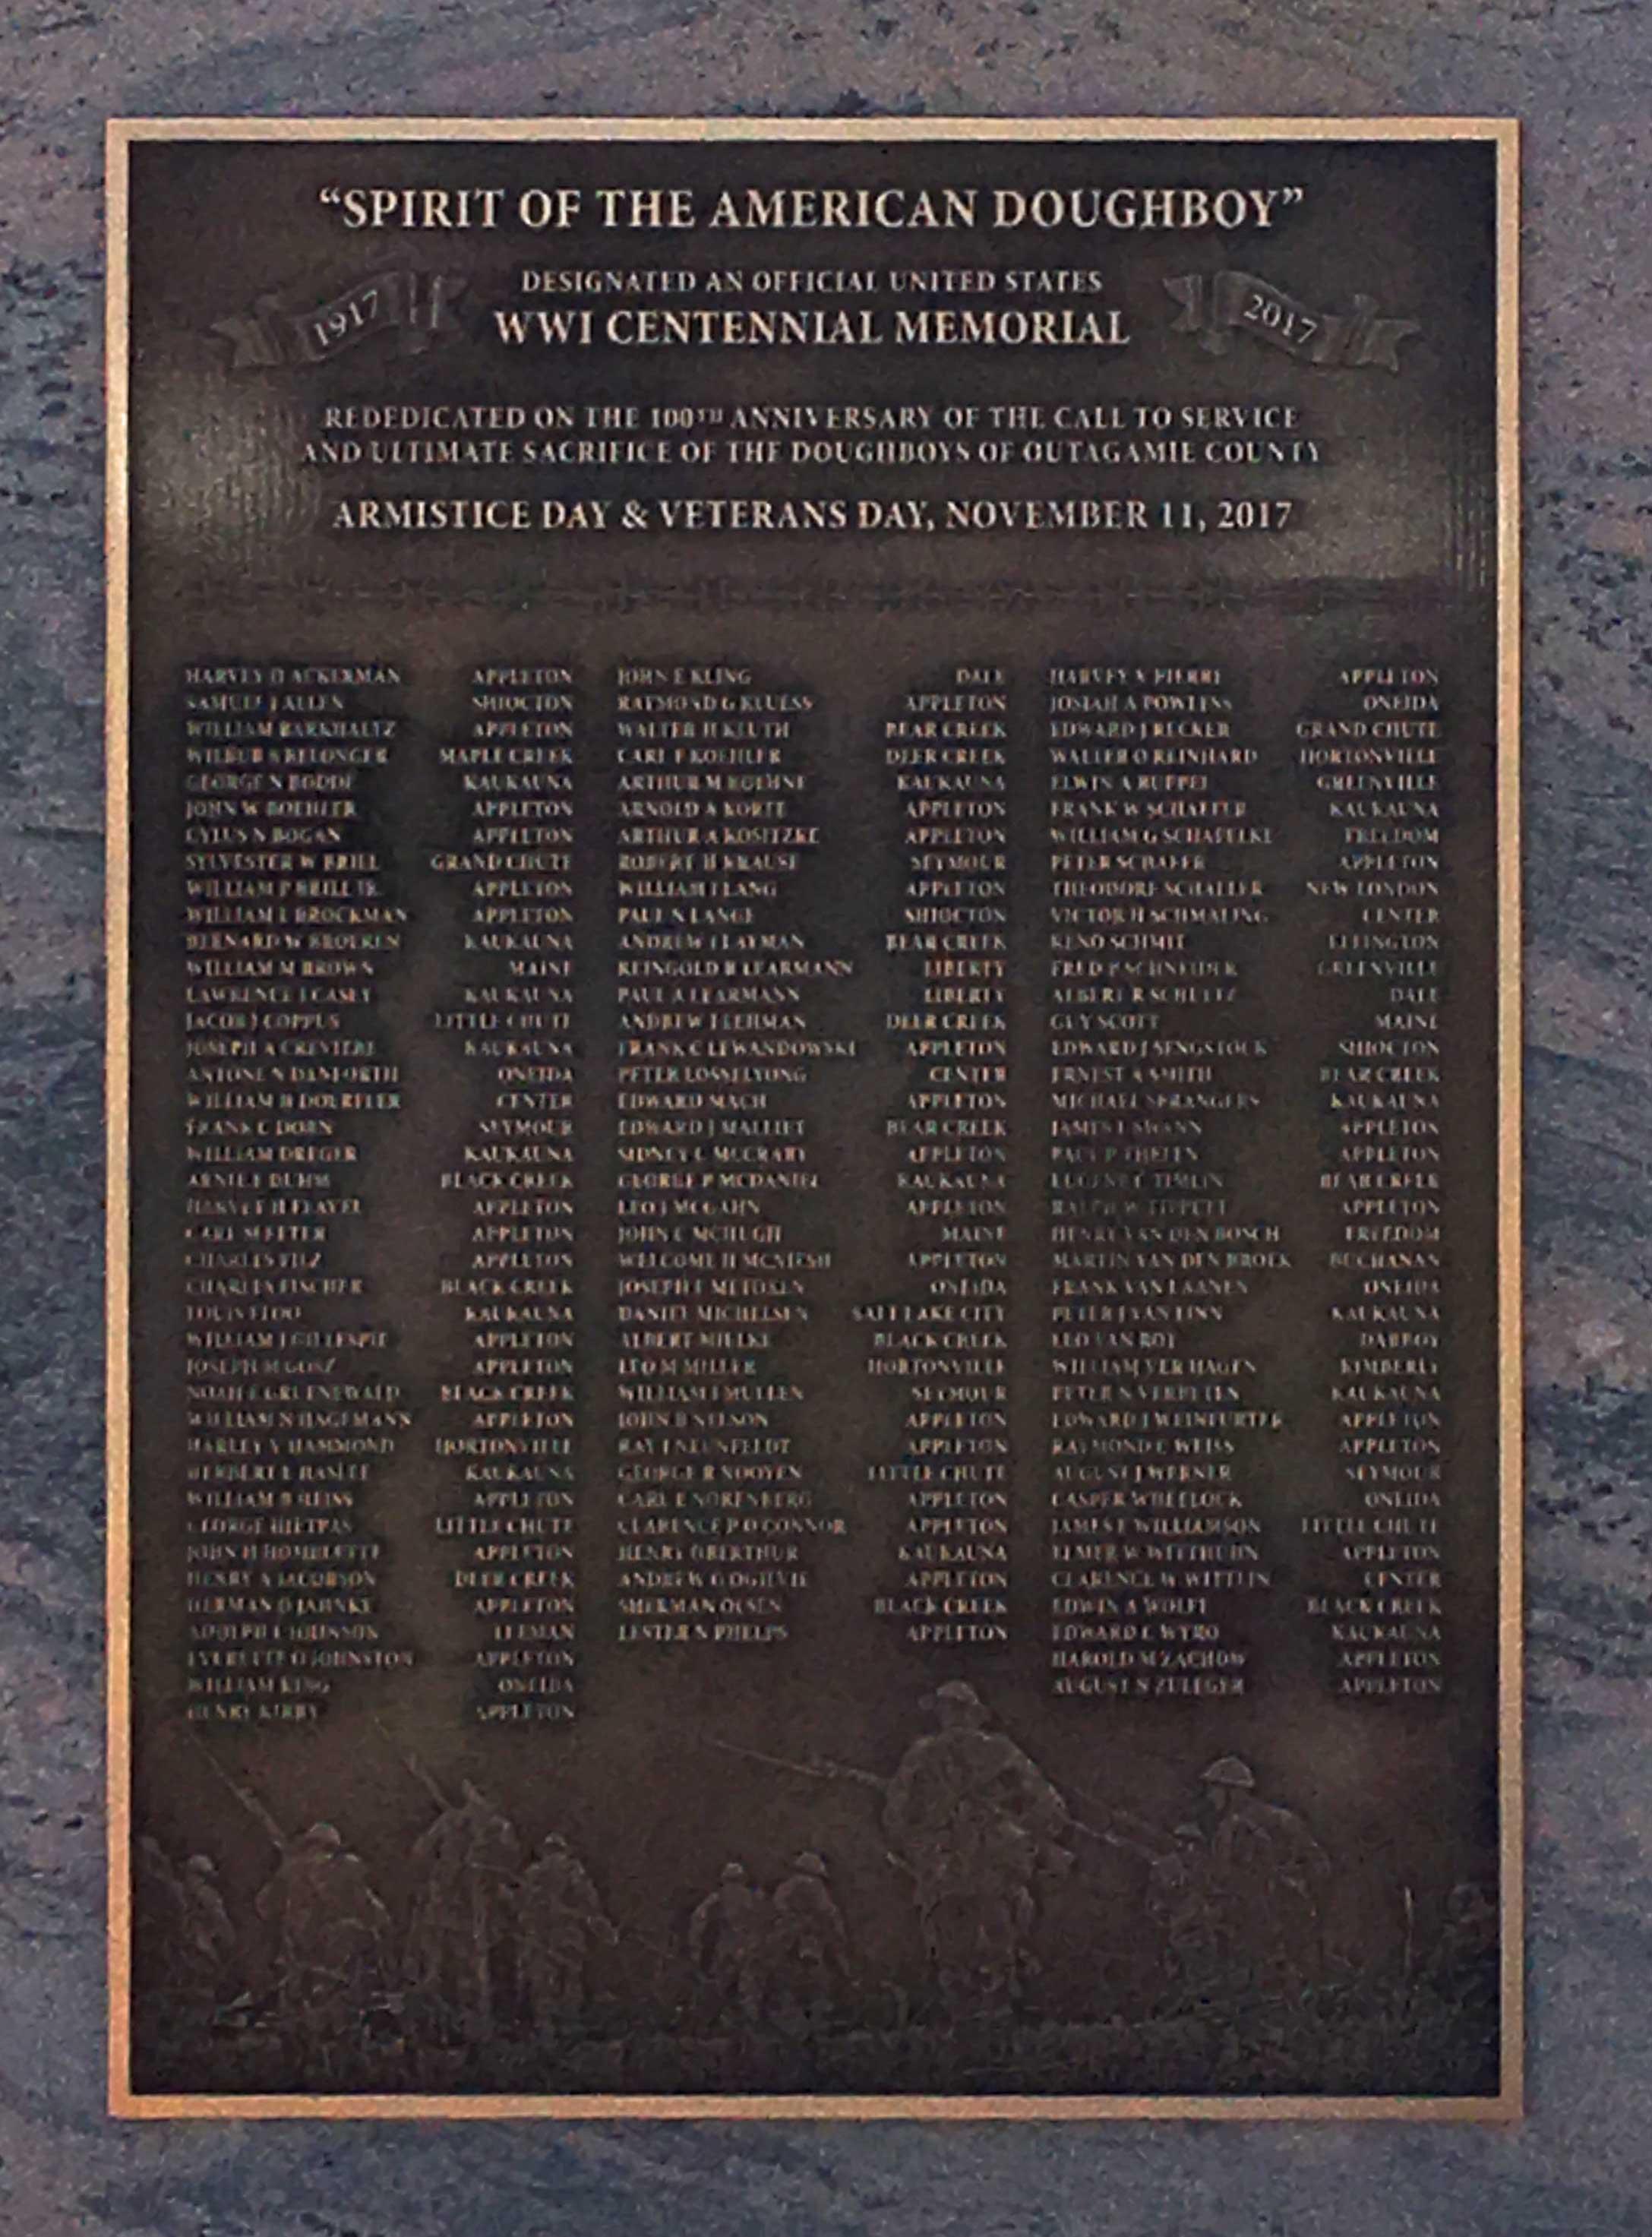 New Centanial Memorial Designation and Doughboys of Outamaimie County plaque.